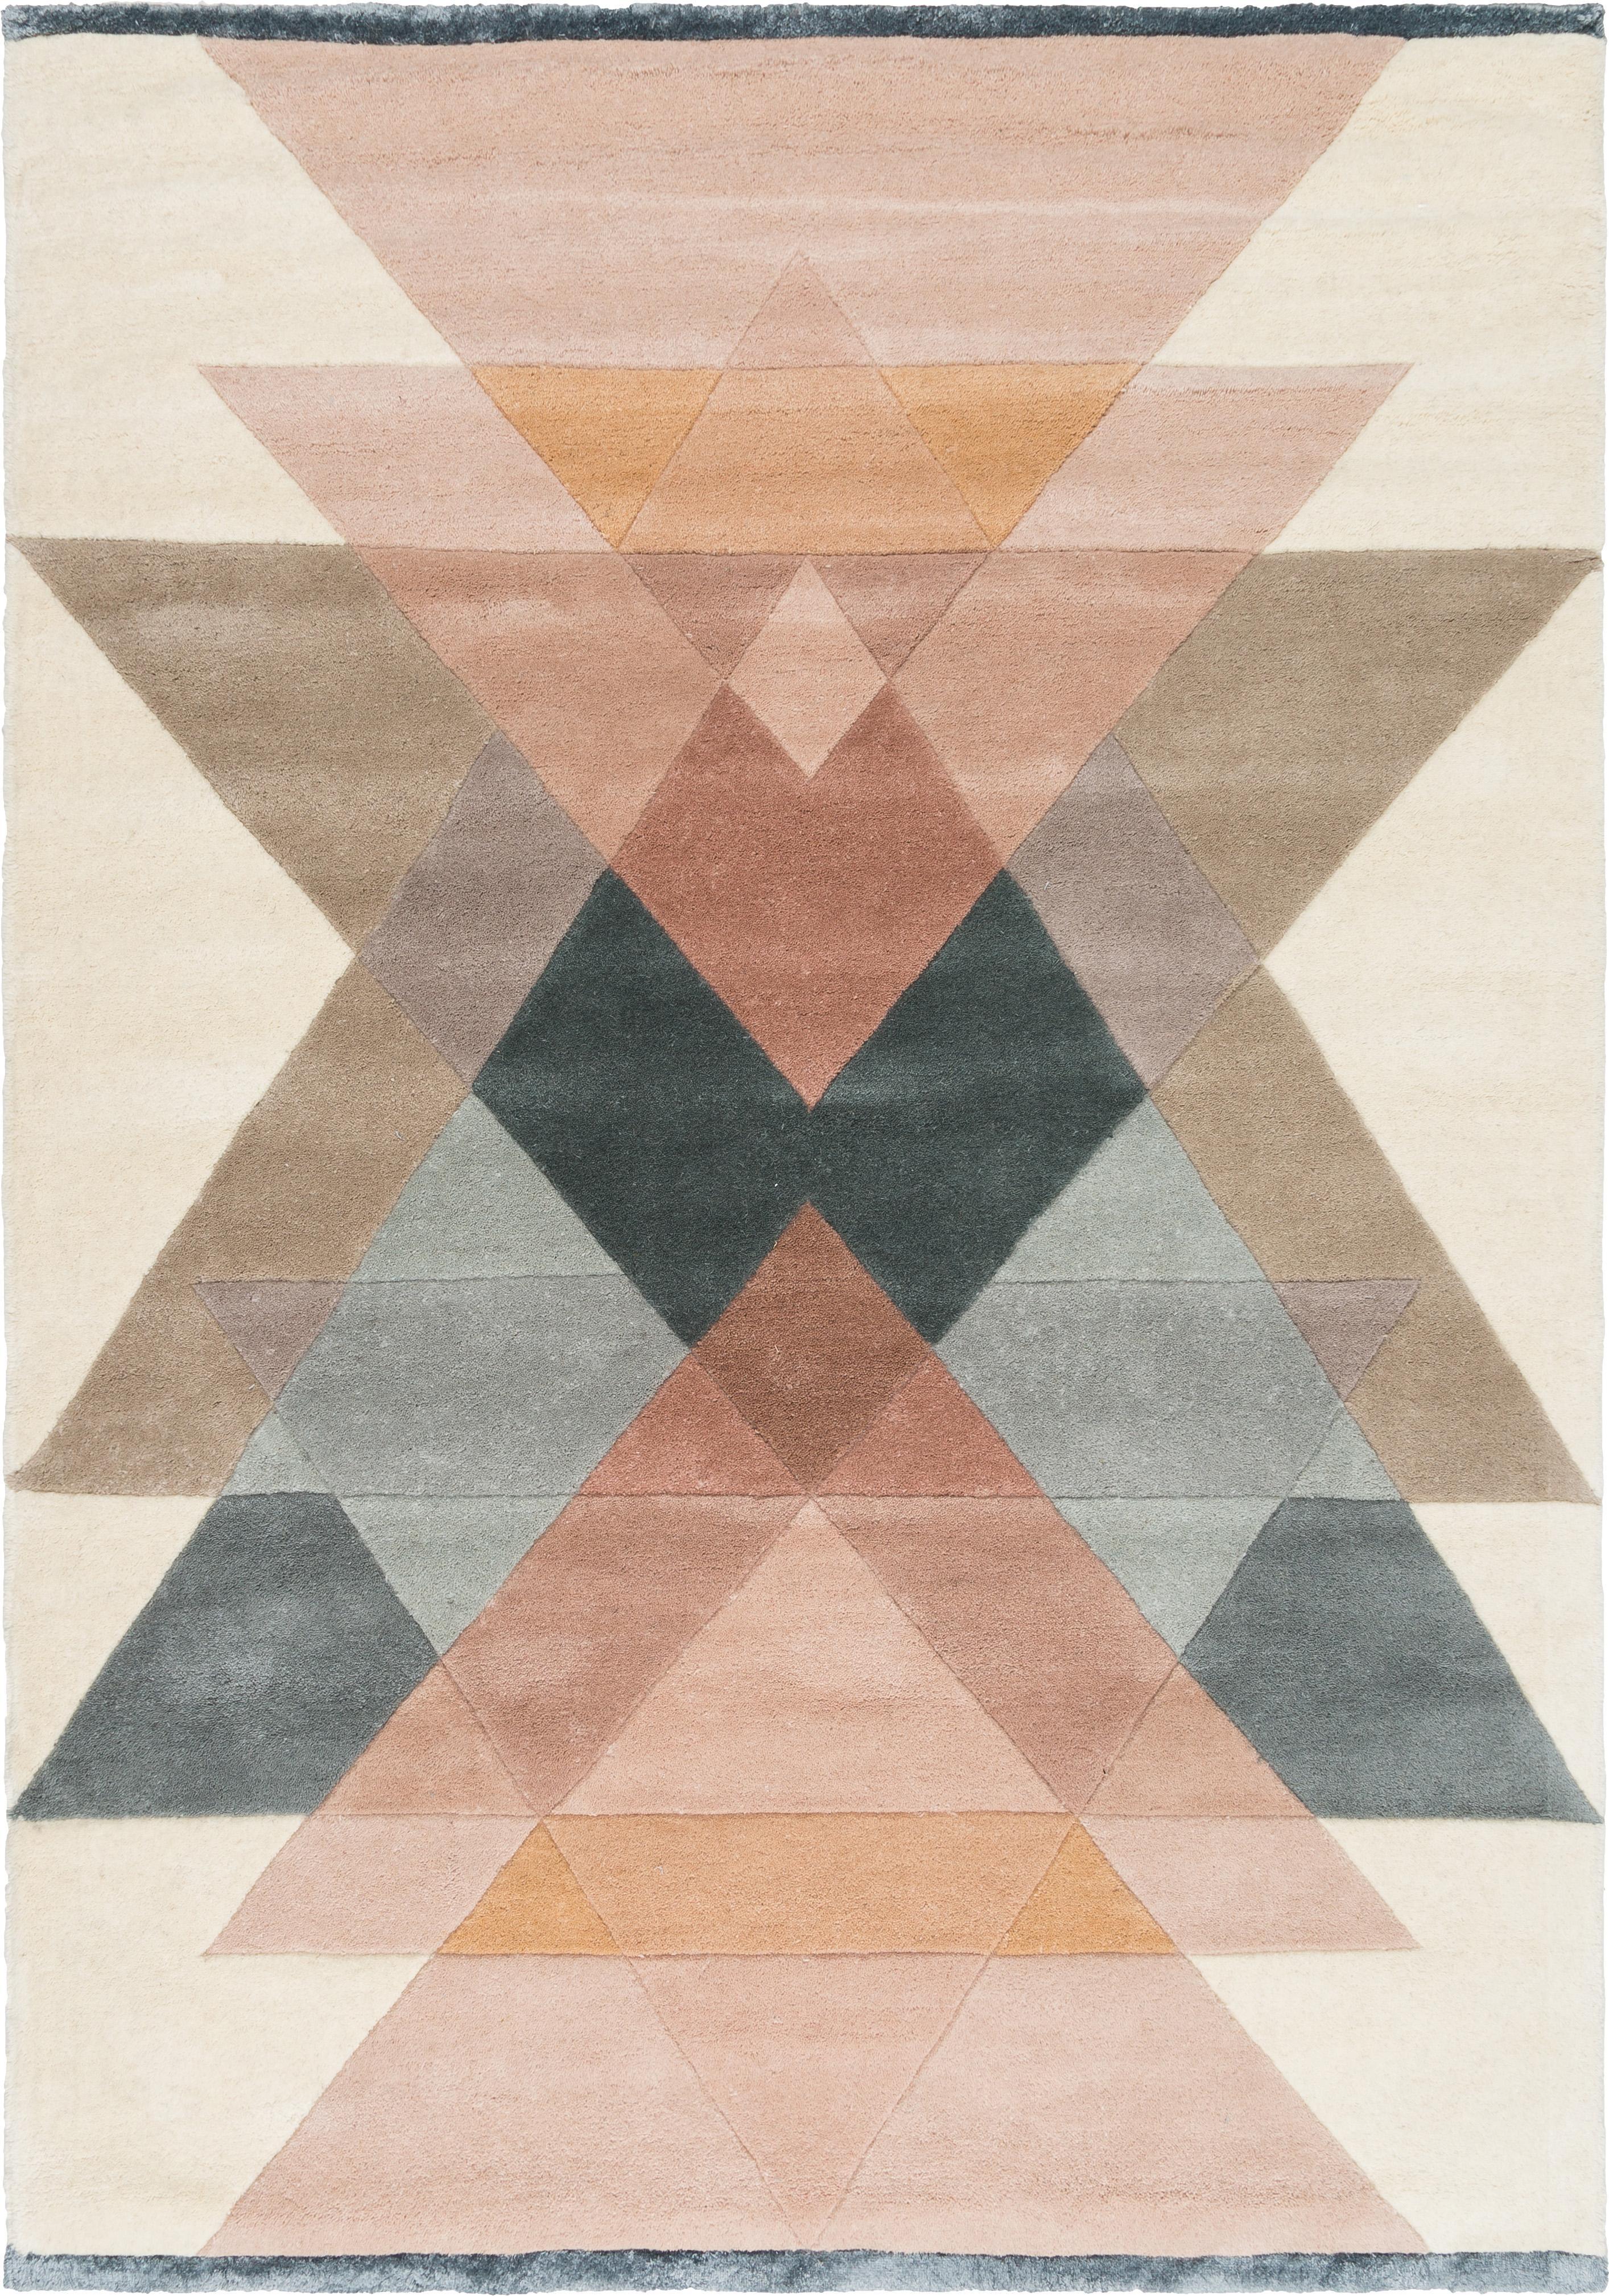 Handgetufteter Designteppich Freya aus Wolle, Flor: 95% Wolle, 5% Viskose, Beigetöne, Rosa, Blaugrau, B 140 x L 200 cm (Grösse S)